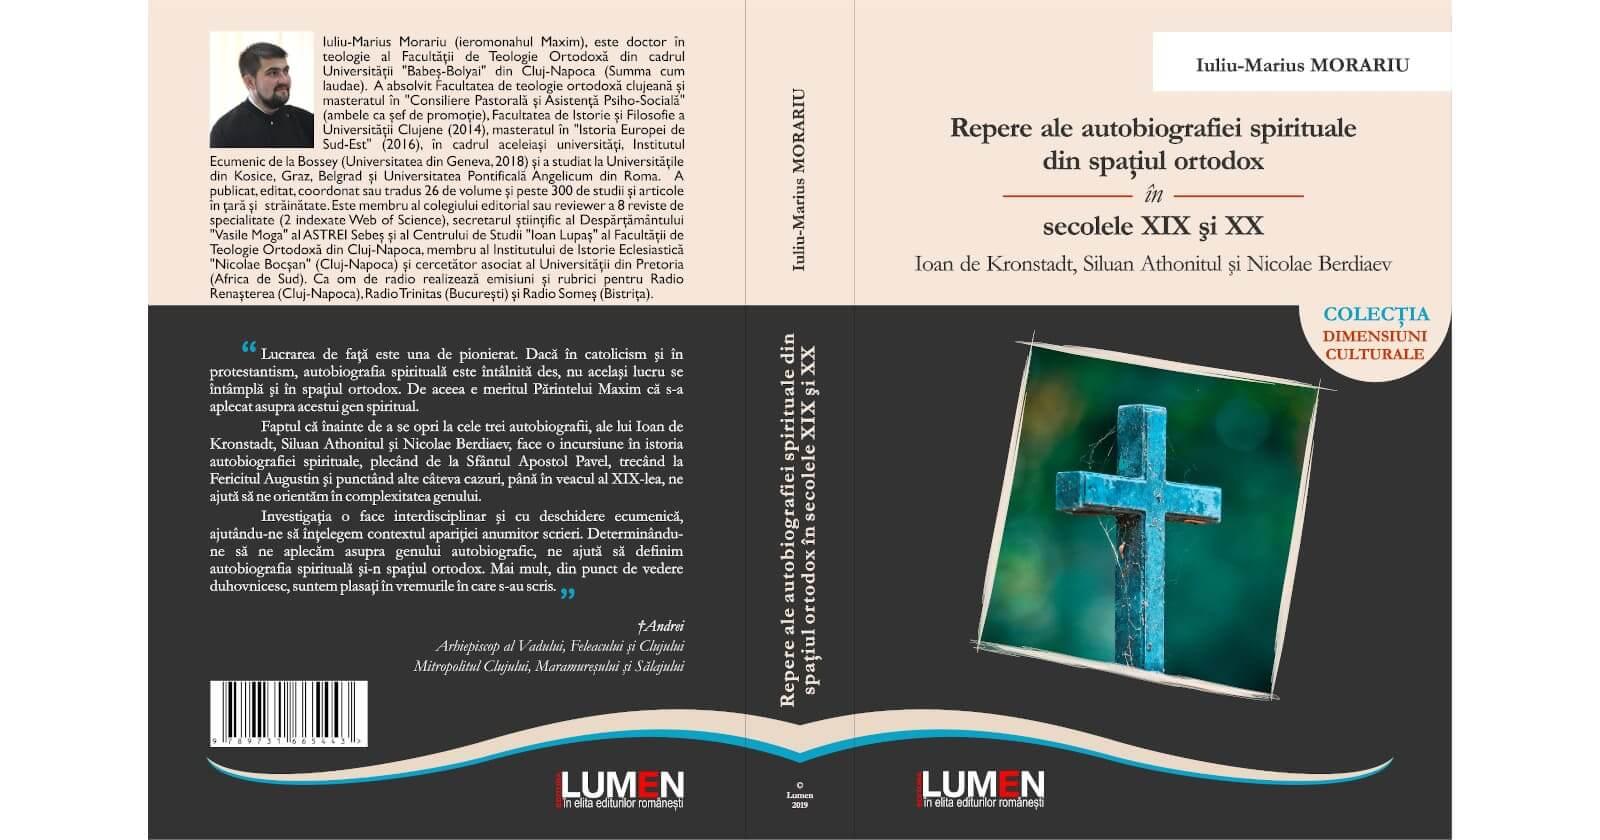 Repere ale autobiografiei spirituale din spaţiul ortodox